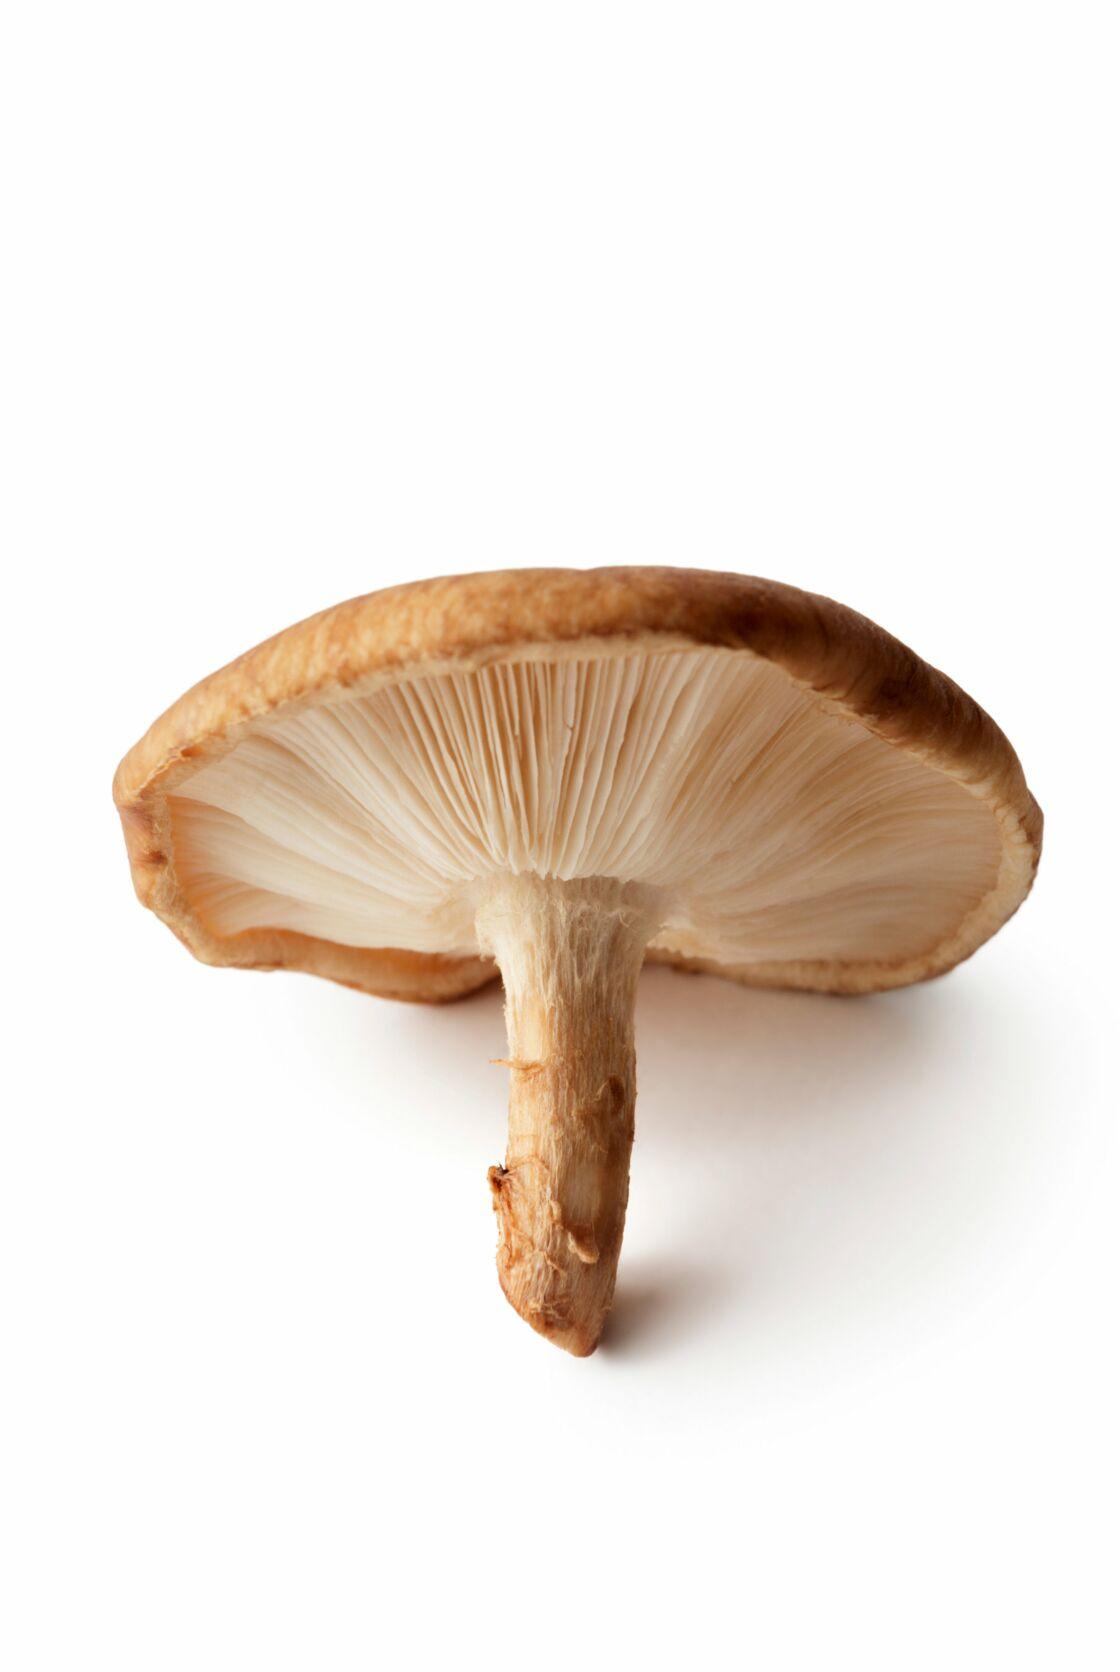 Comment Nettoyer Les Champignons Pieds Bleus : comment, nettoyer, champignons, pieds, bleus, Savoir, Champignons, Femme, Actuelle